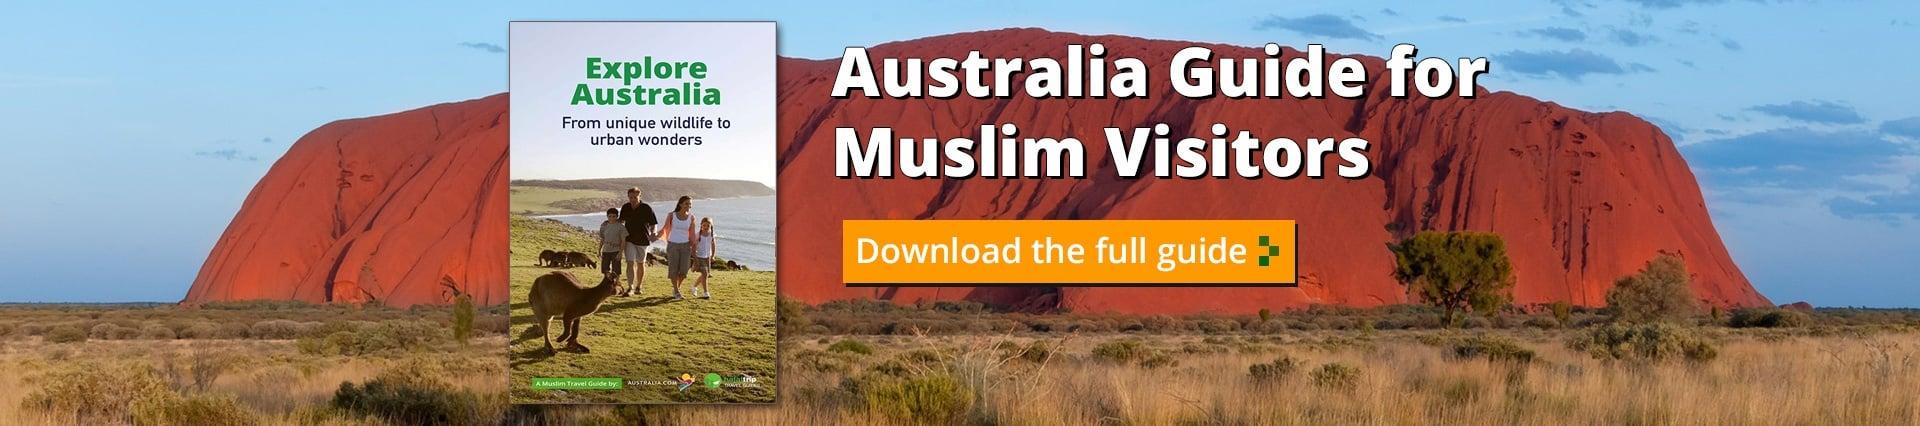 australia-guide